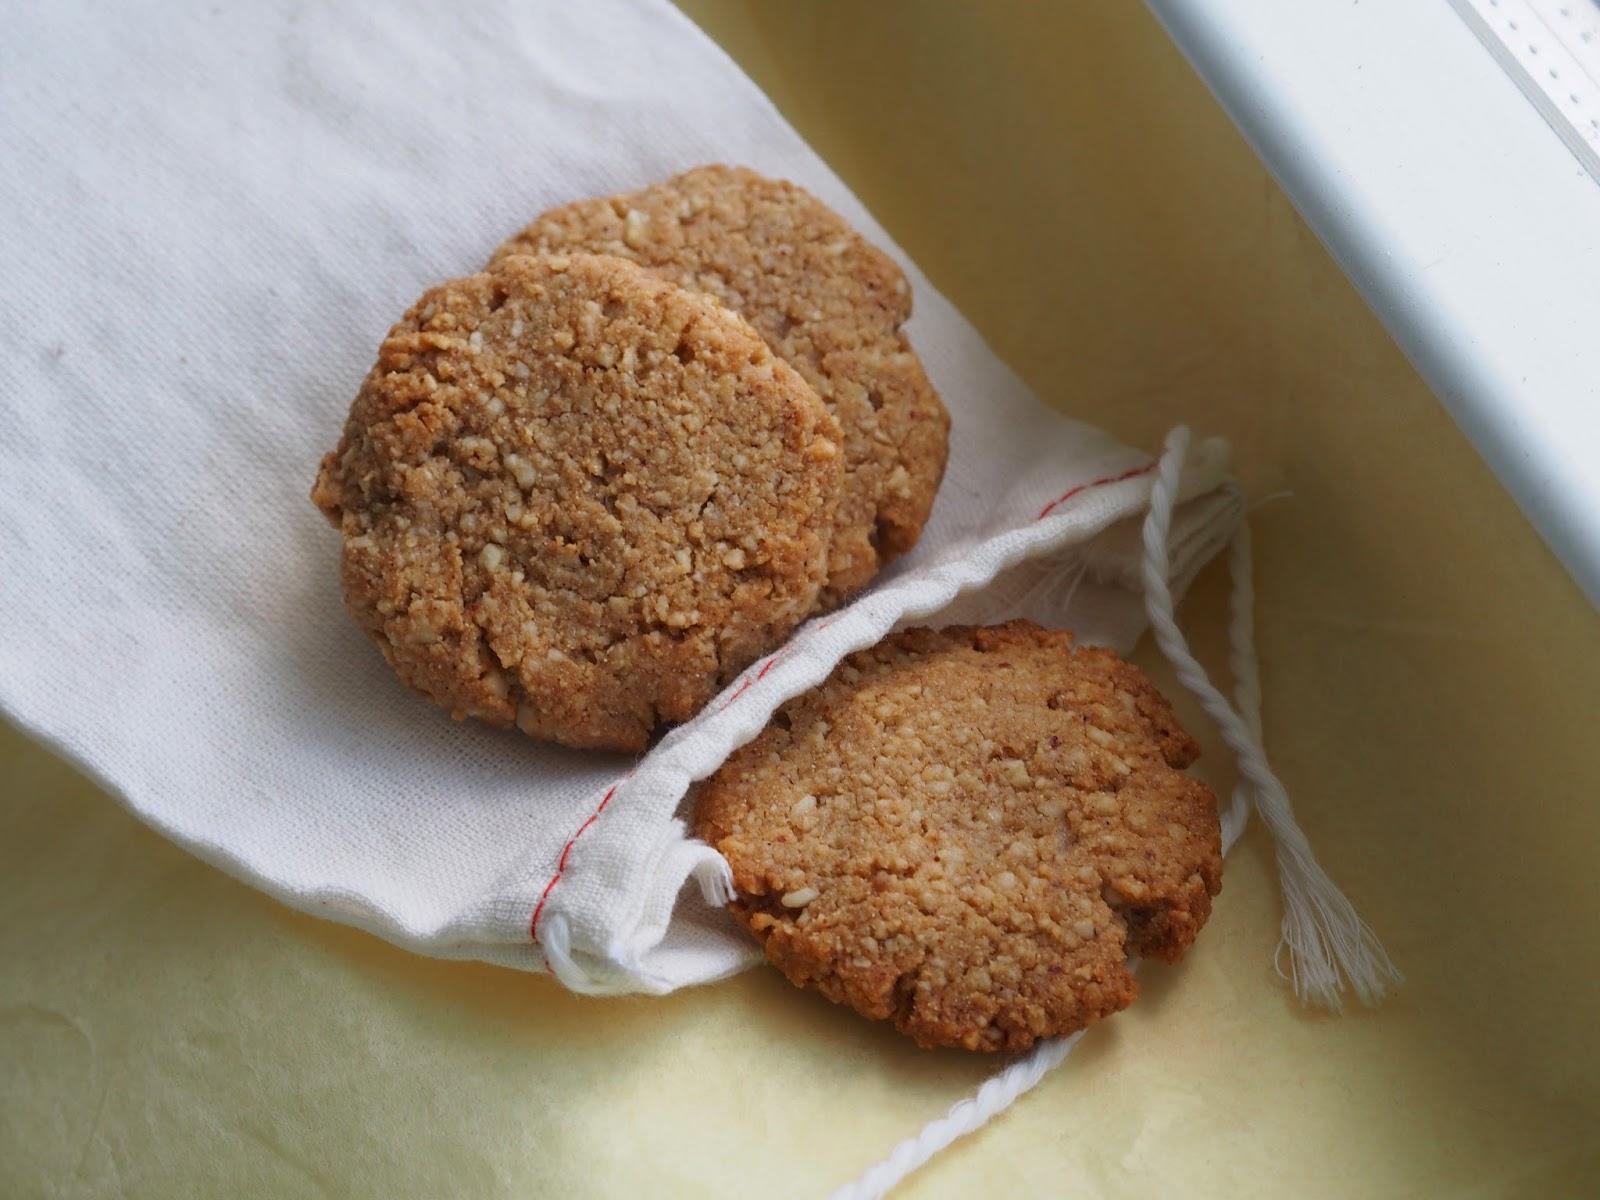 Dr Siegal's Cookie Diet